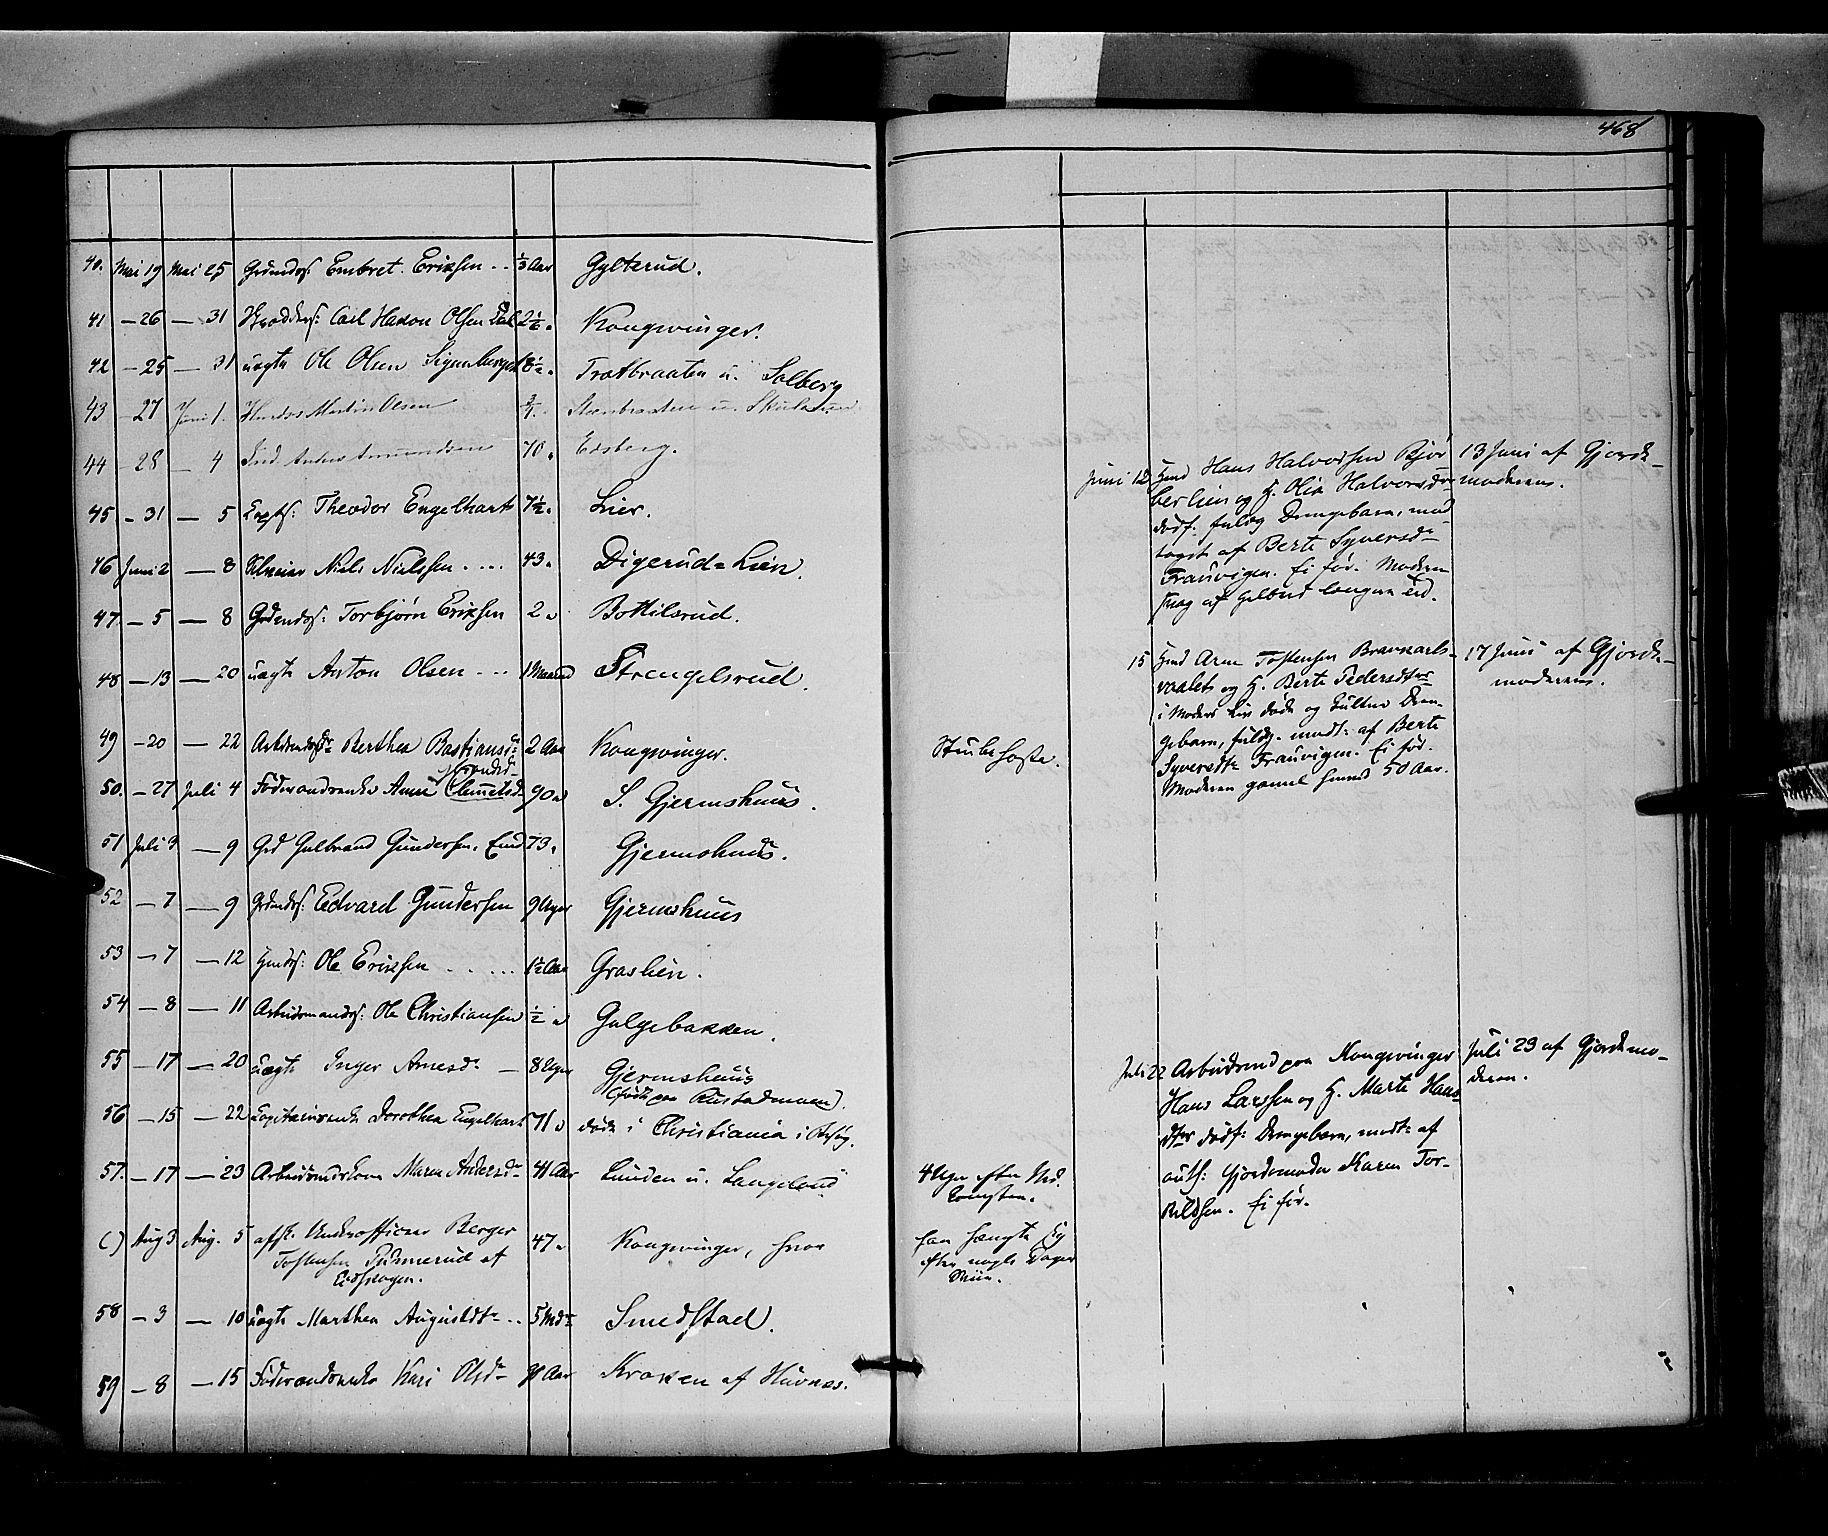 SAH, Vinger prestekontor, Ministerialbok nr. 10, 1855-1861, s. 468